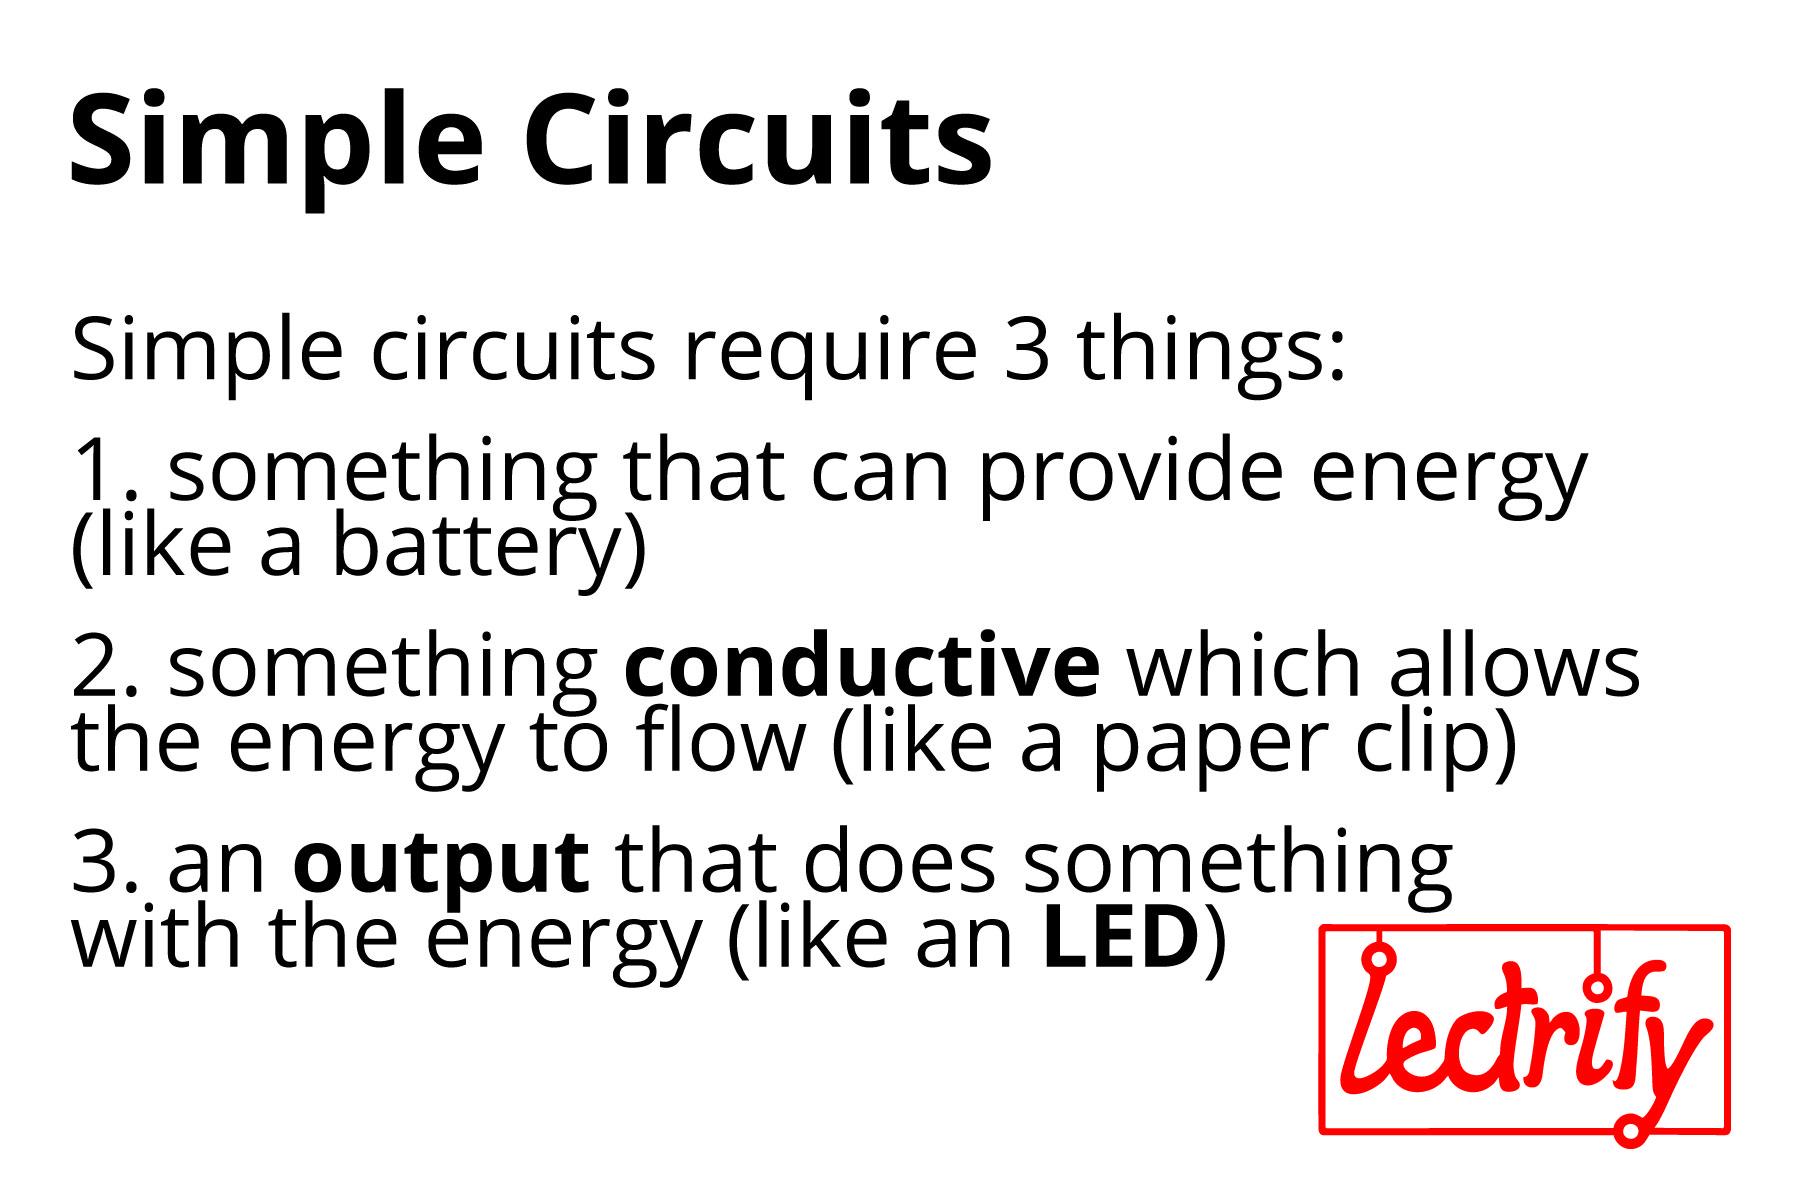 lectrify Curriculum Cards copy-03.jpg